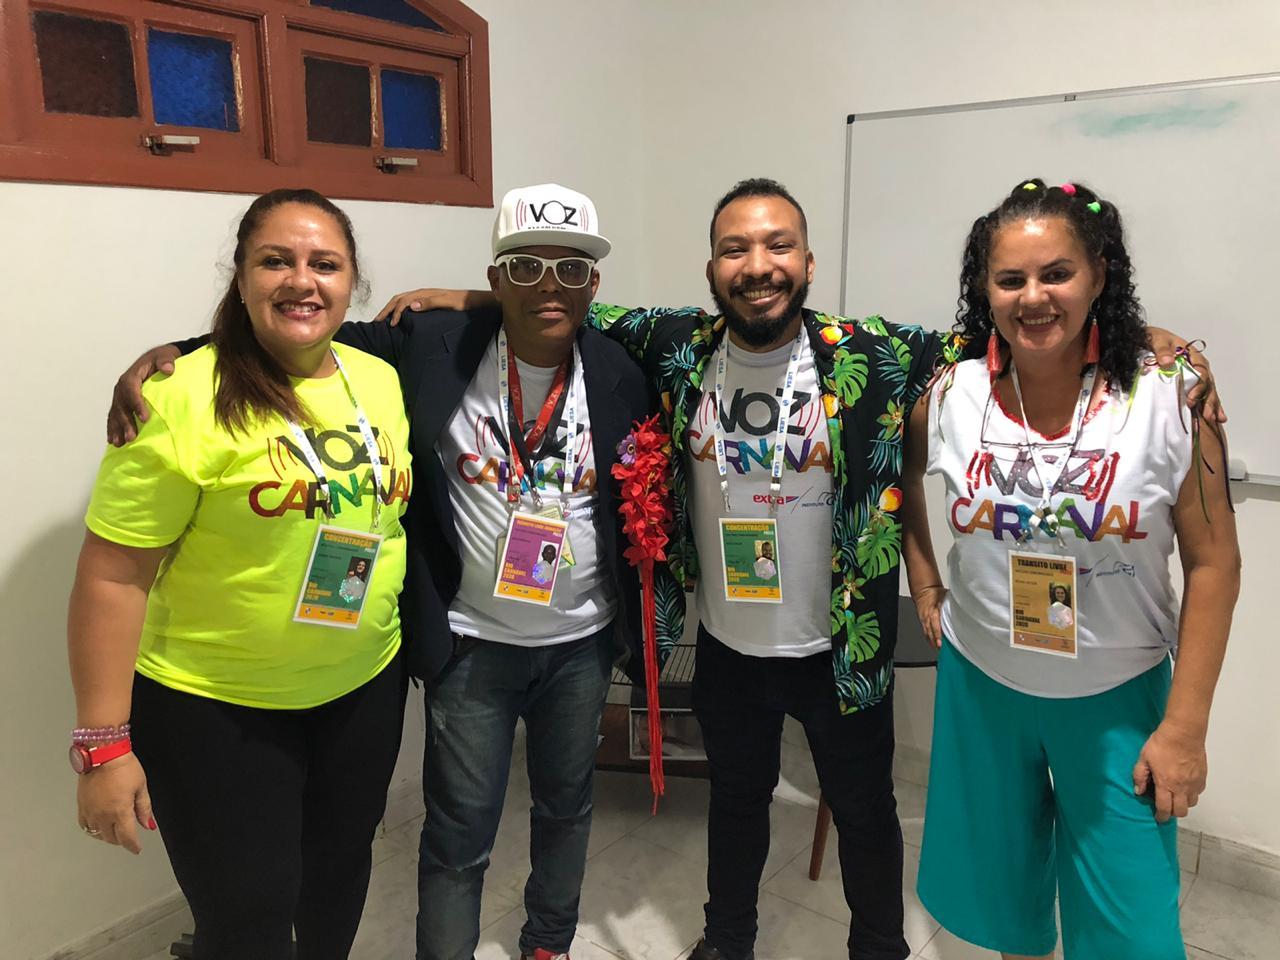 Começa hoje a cobertura de Carnaval do Voz das Comunidades